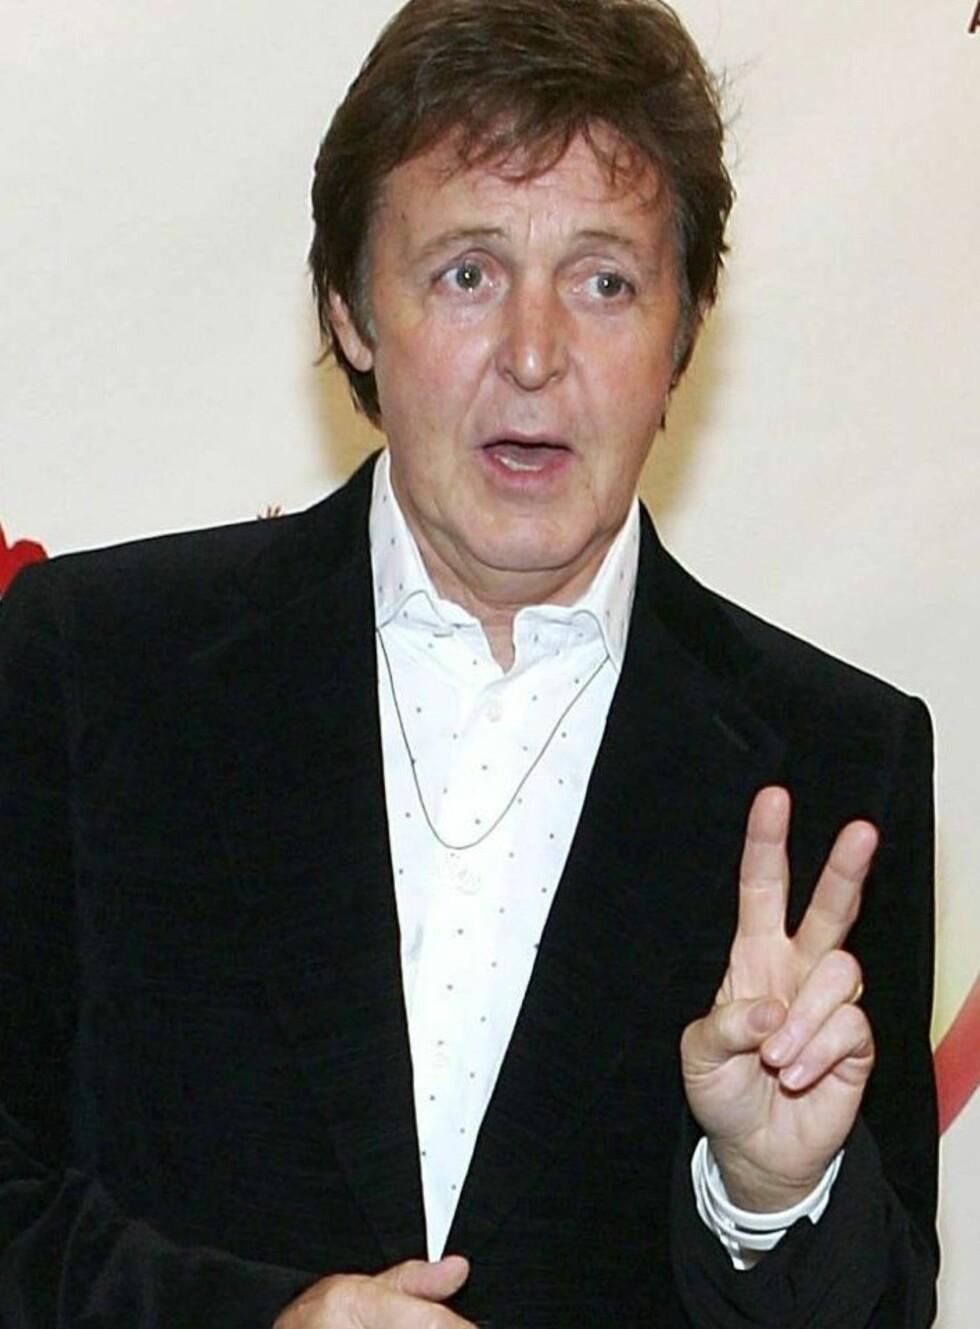 SMILER IGJEN: Paul McCartney dro på byen uten Heather - og kunne endelig smile igjen. Foto: All Over Press